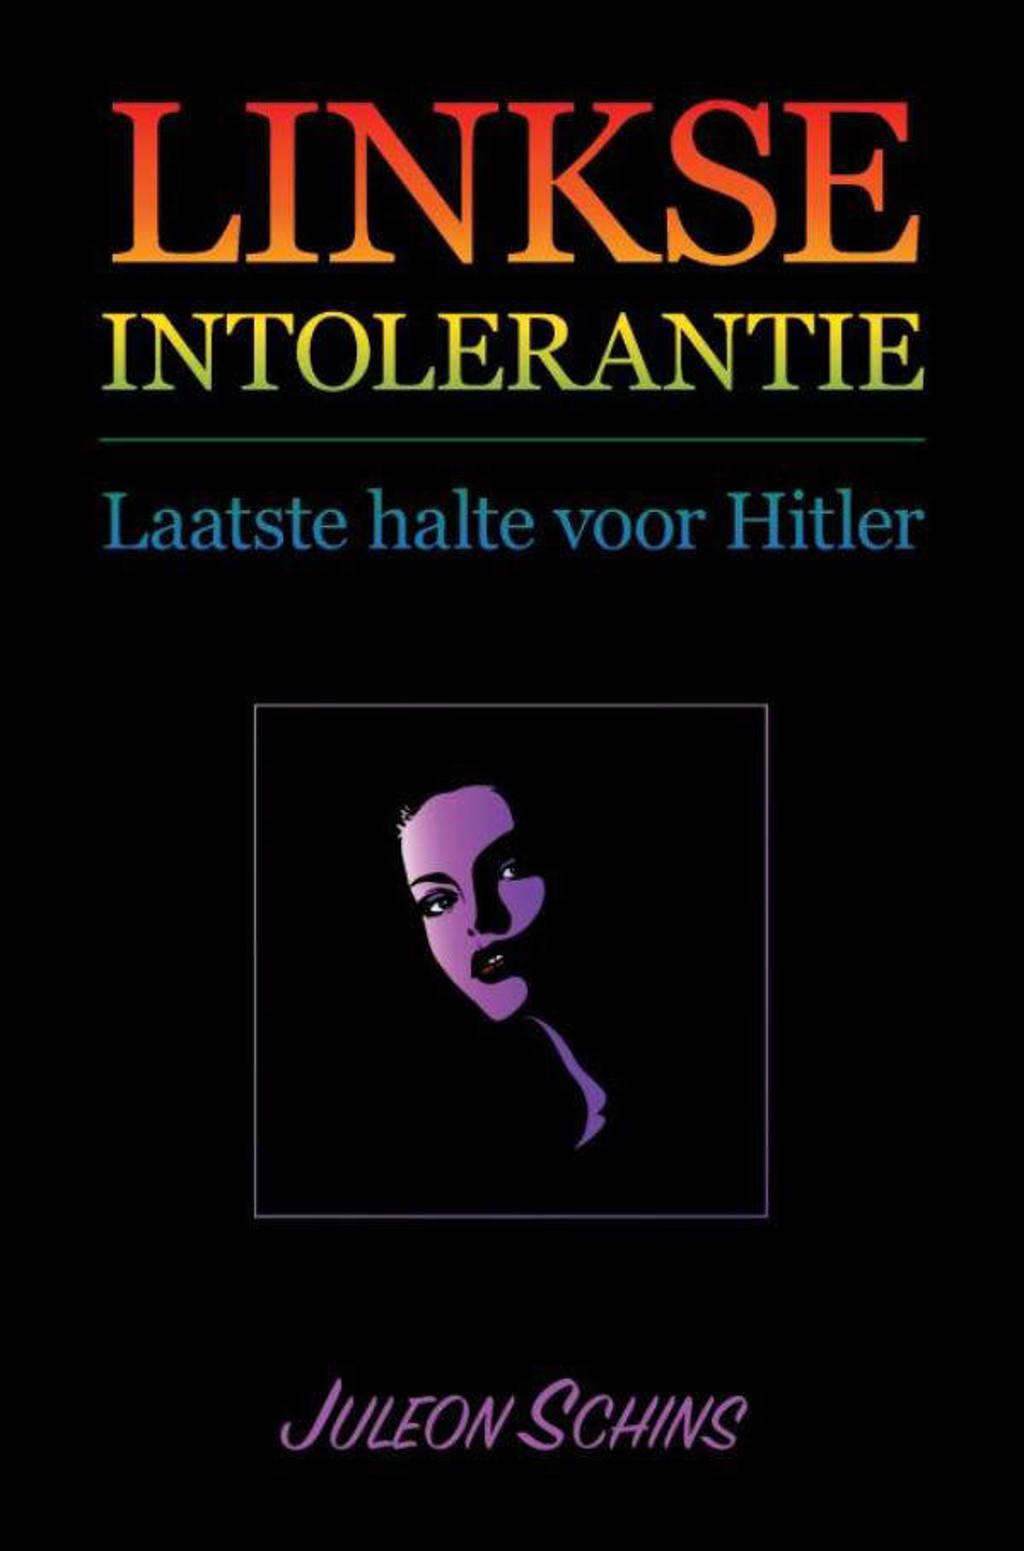 Linkse Intolerantie - Juleon Schins